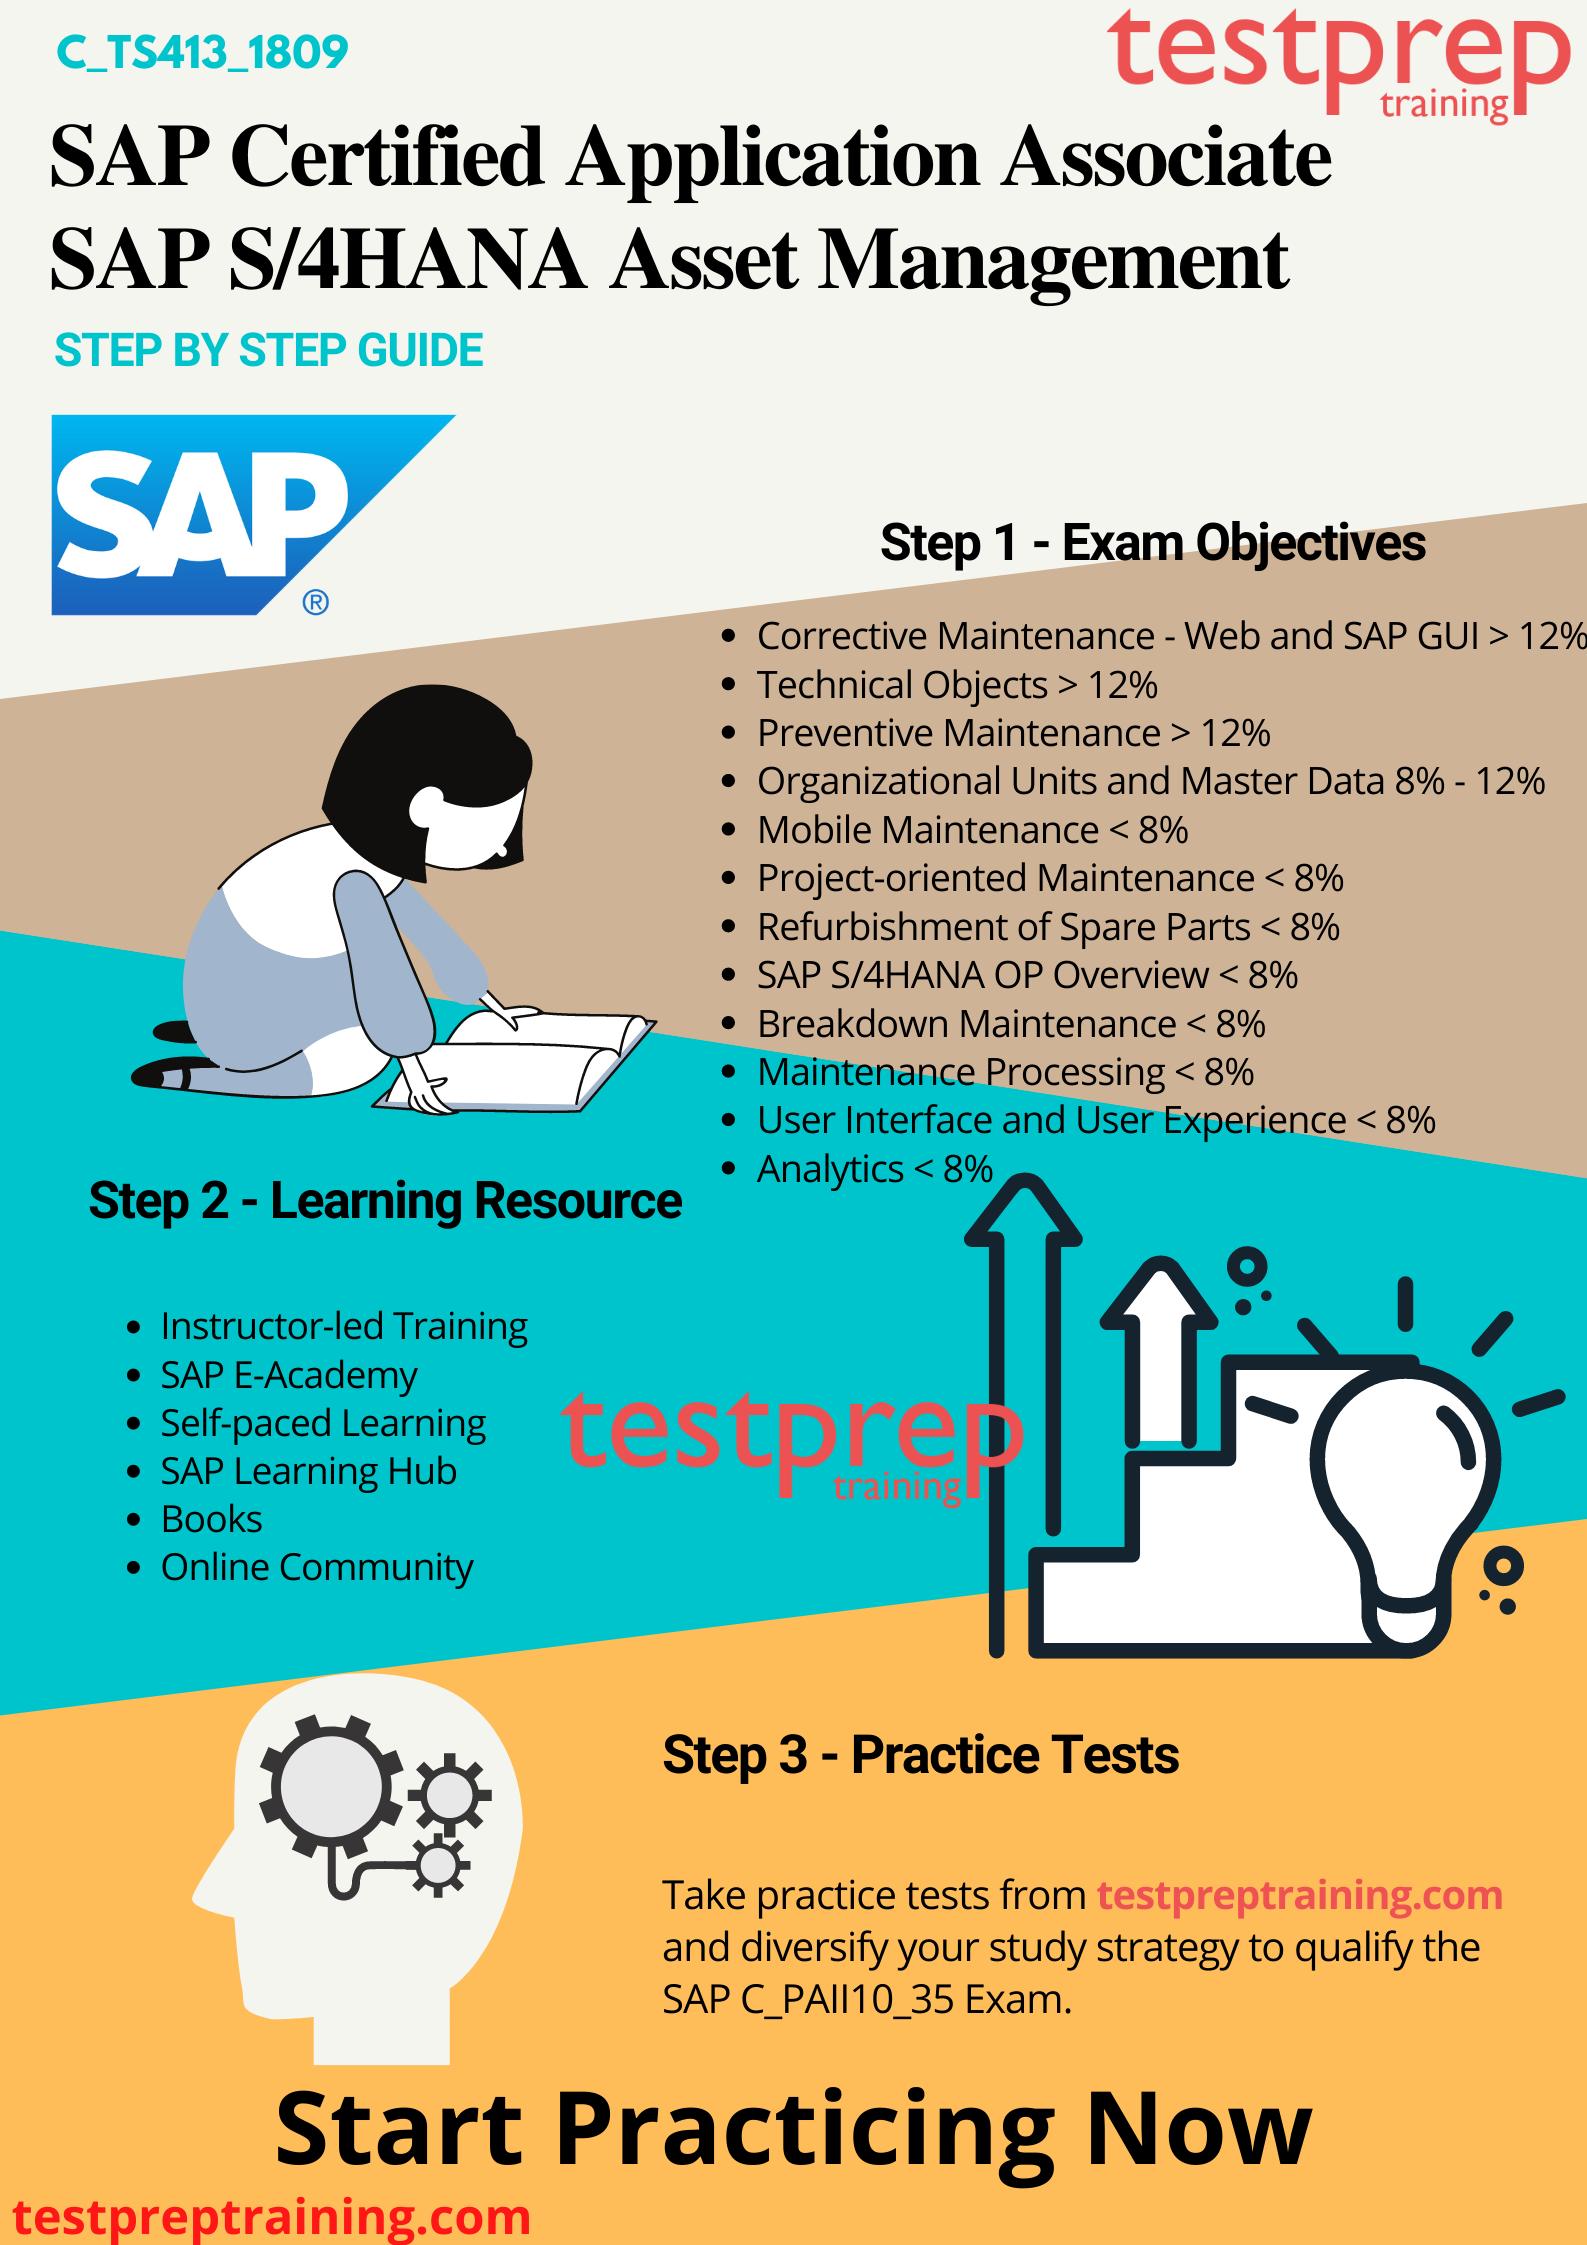 Preparation Guide - C_TS413_1809 - SAP S/4HANA Asset Management Exam